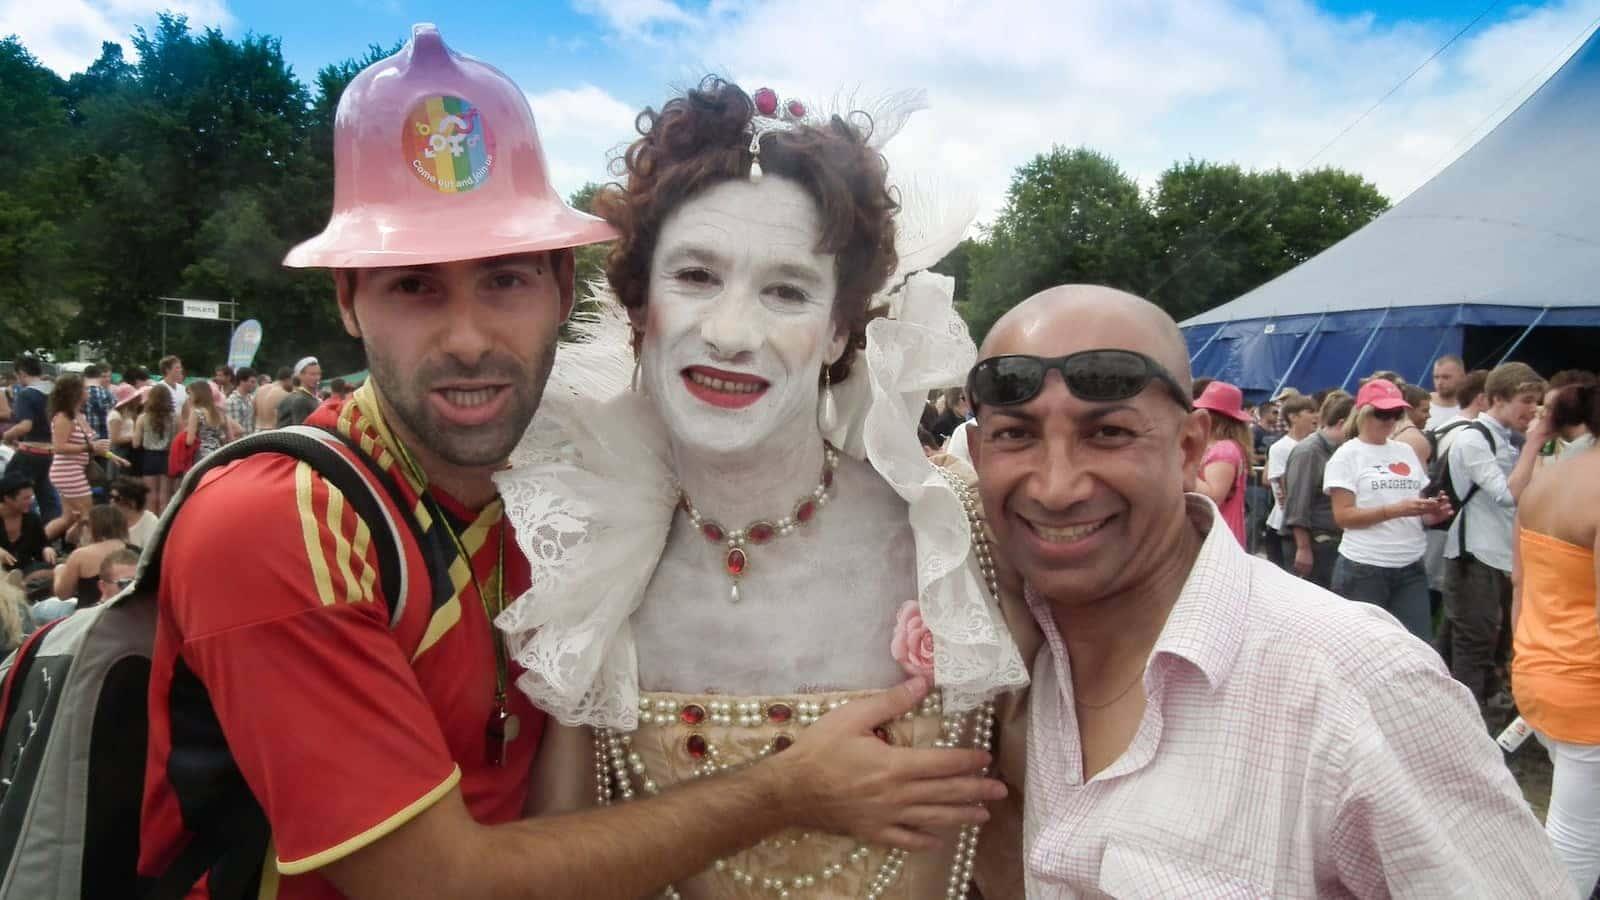 Brighton is a very gay friendly city with a fun Pride parade